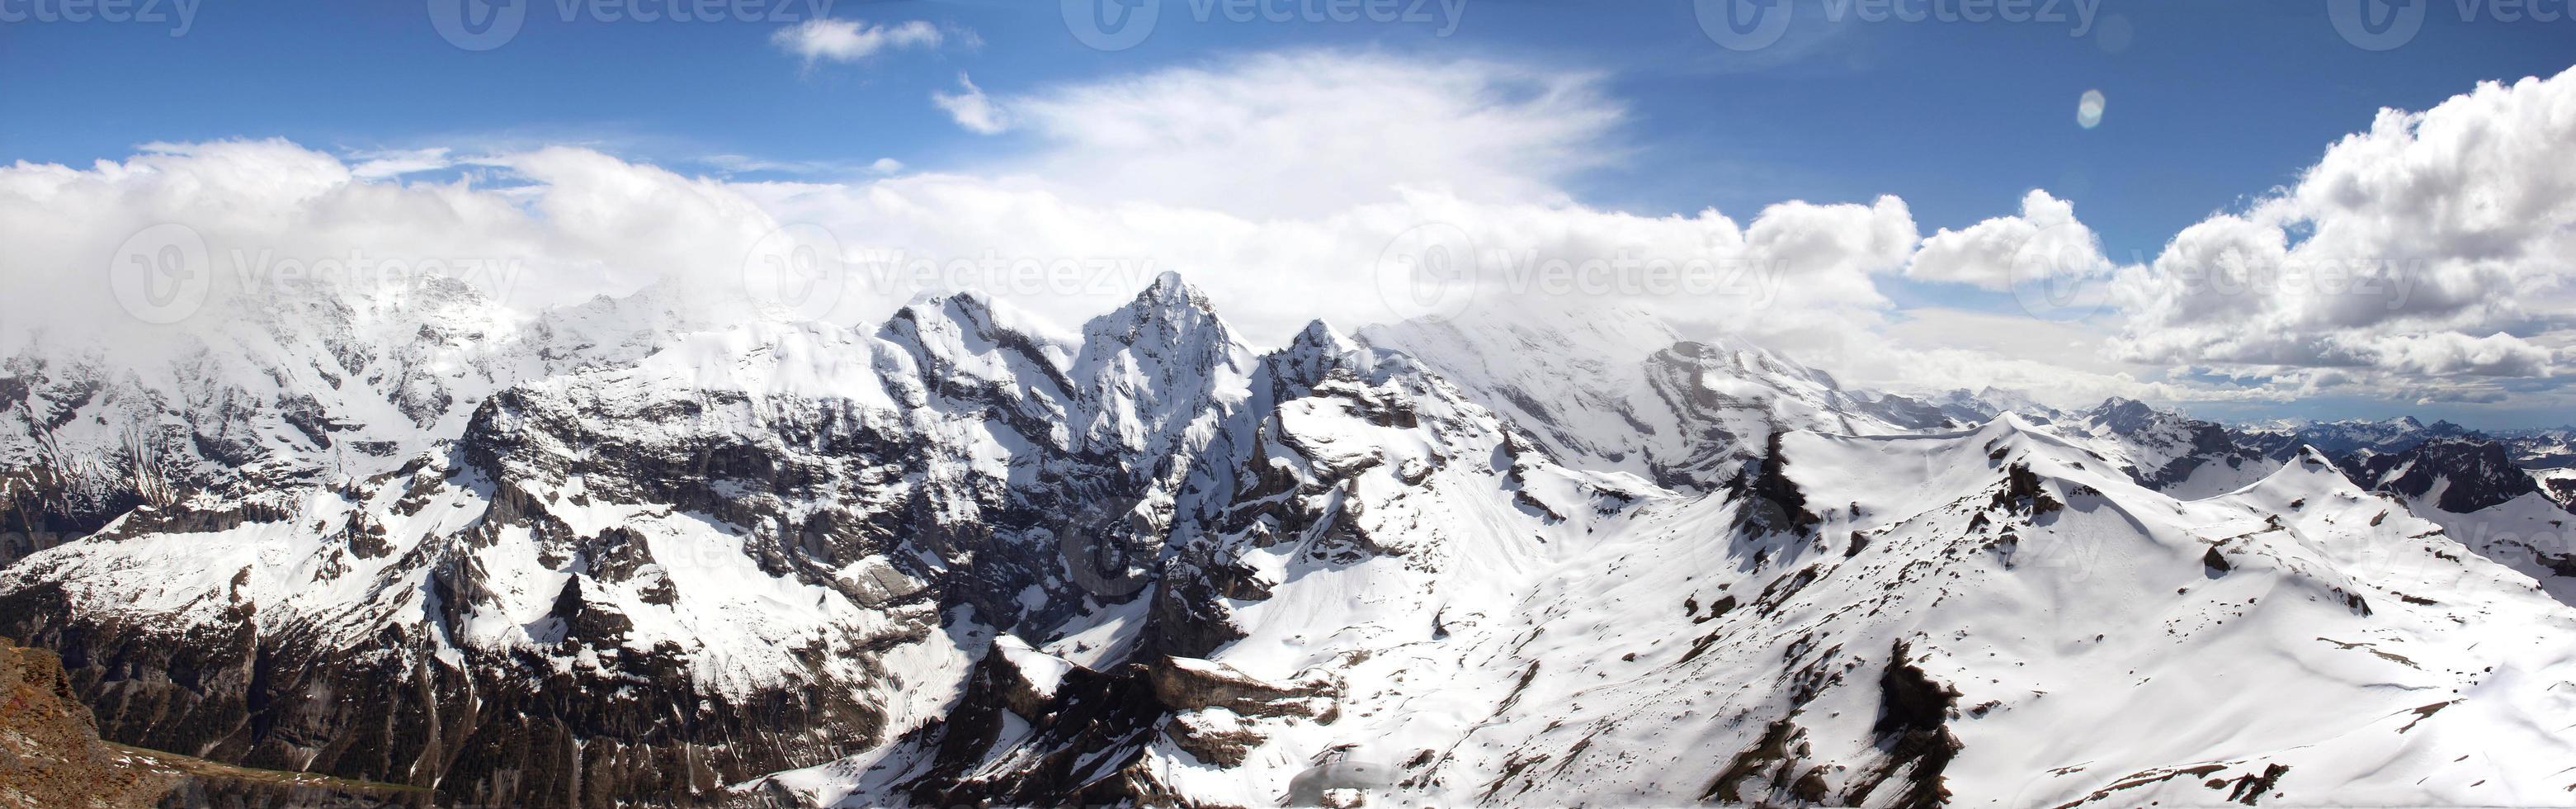 Panaorma der Alpen in der Schweiz foto